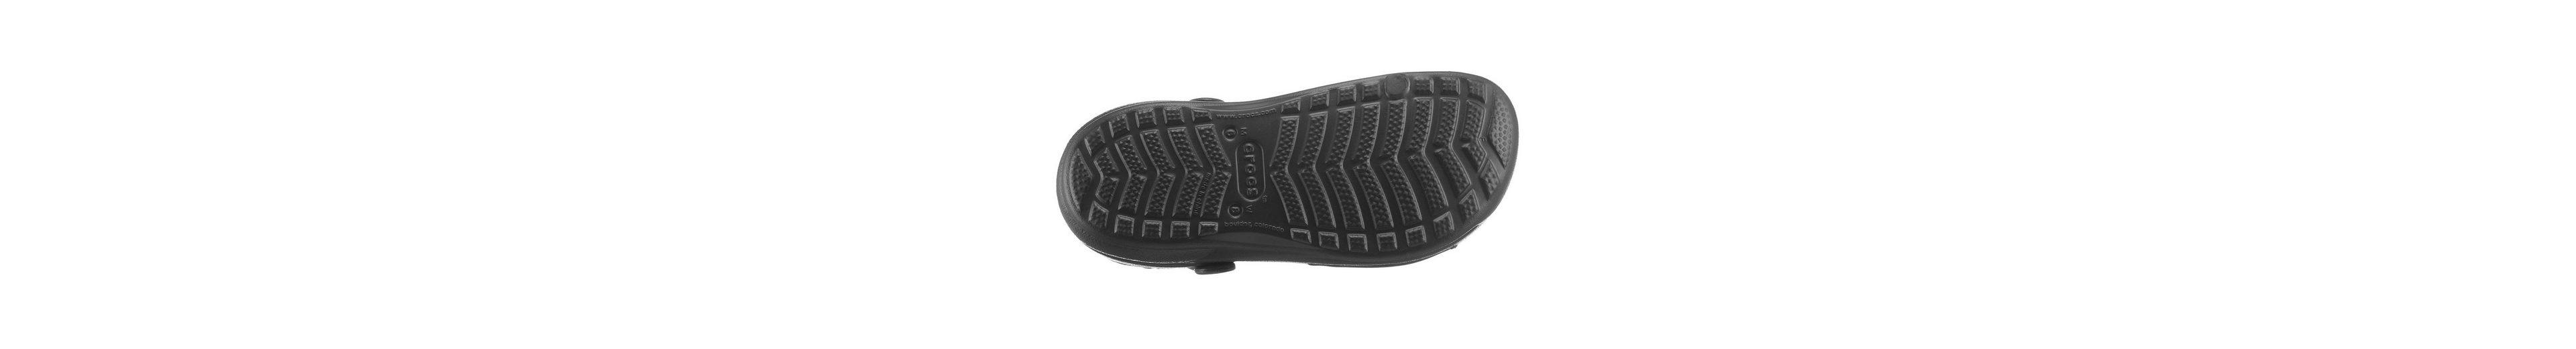 Crocs Specialist Clog, mit ergonomisch geformtem Fußbett